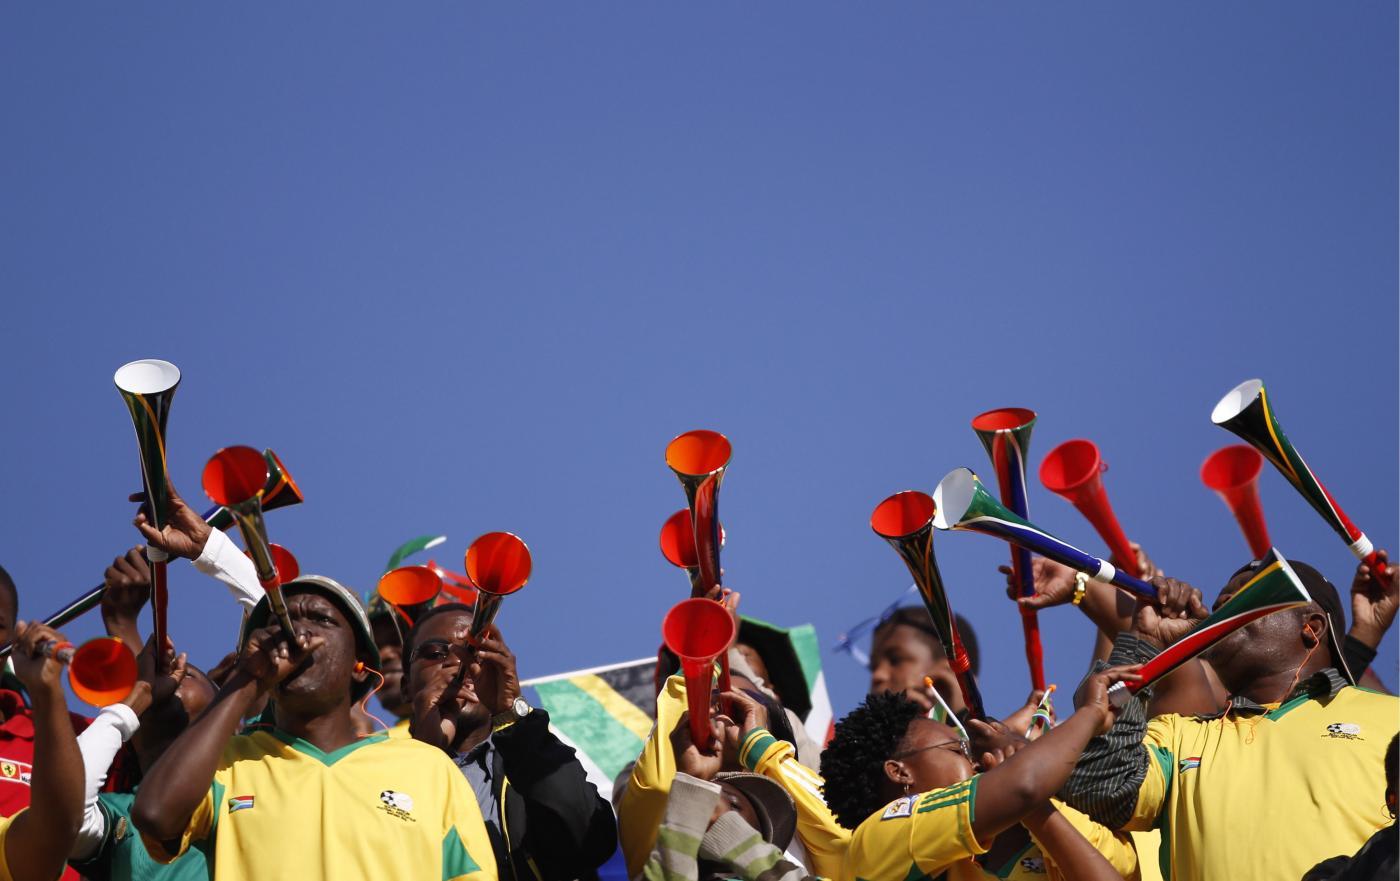 Amichevole, Sudafrica-Angola mercoledì 19 giugno: analisi e pronostico della gara amichevole tra le due selezioni africane